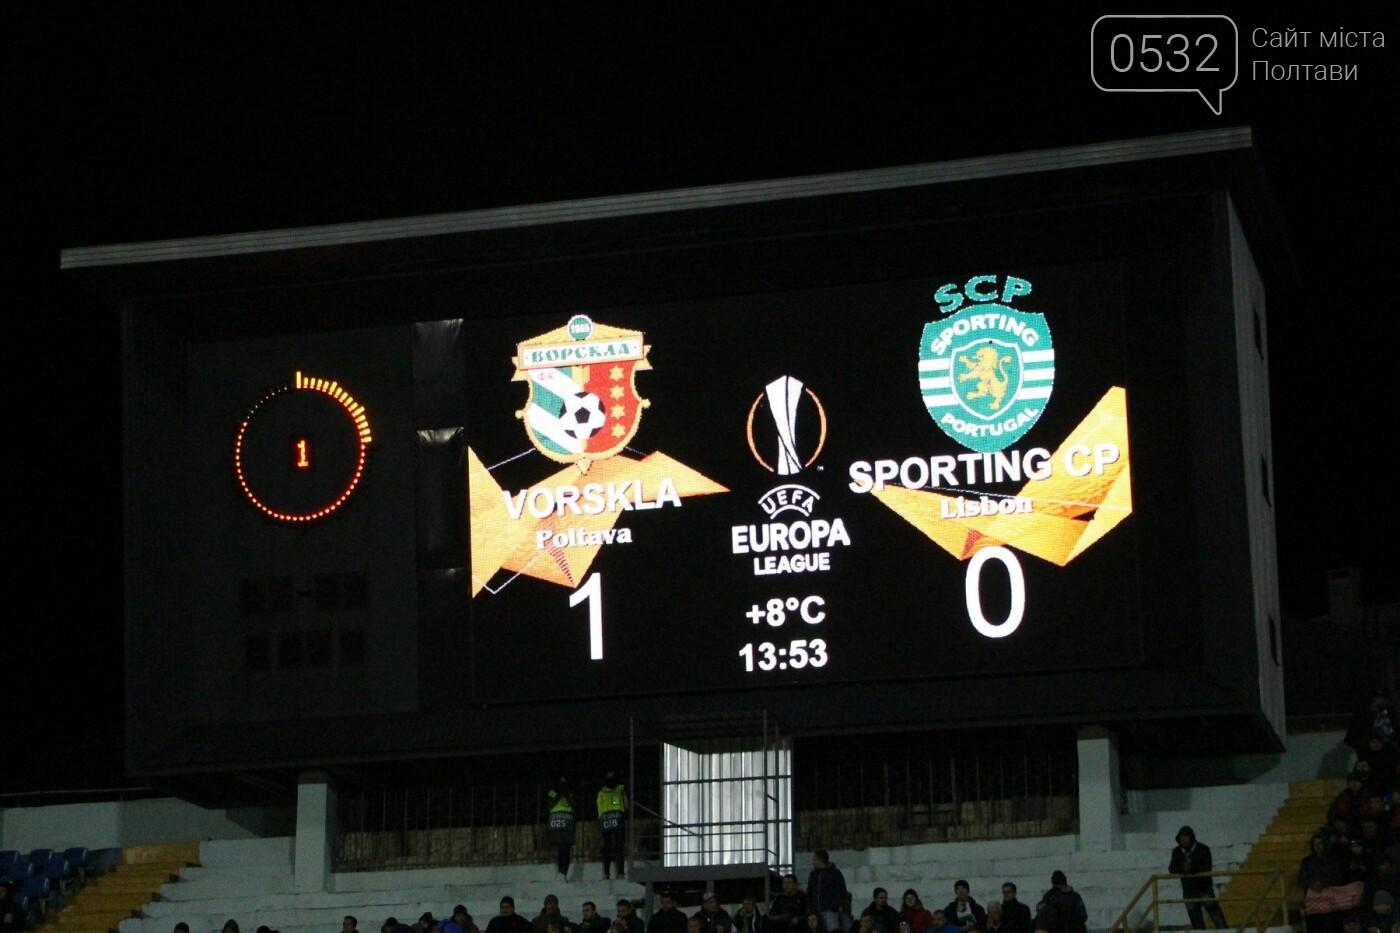 """Футбольна трагедія у Полтаві - """"Ворскла"""" за дві хвилини віддала перемогу """"Спортінгу"""" (ФОТО), фото-2"""